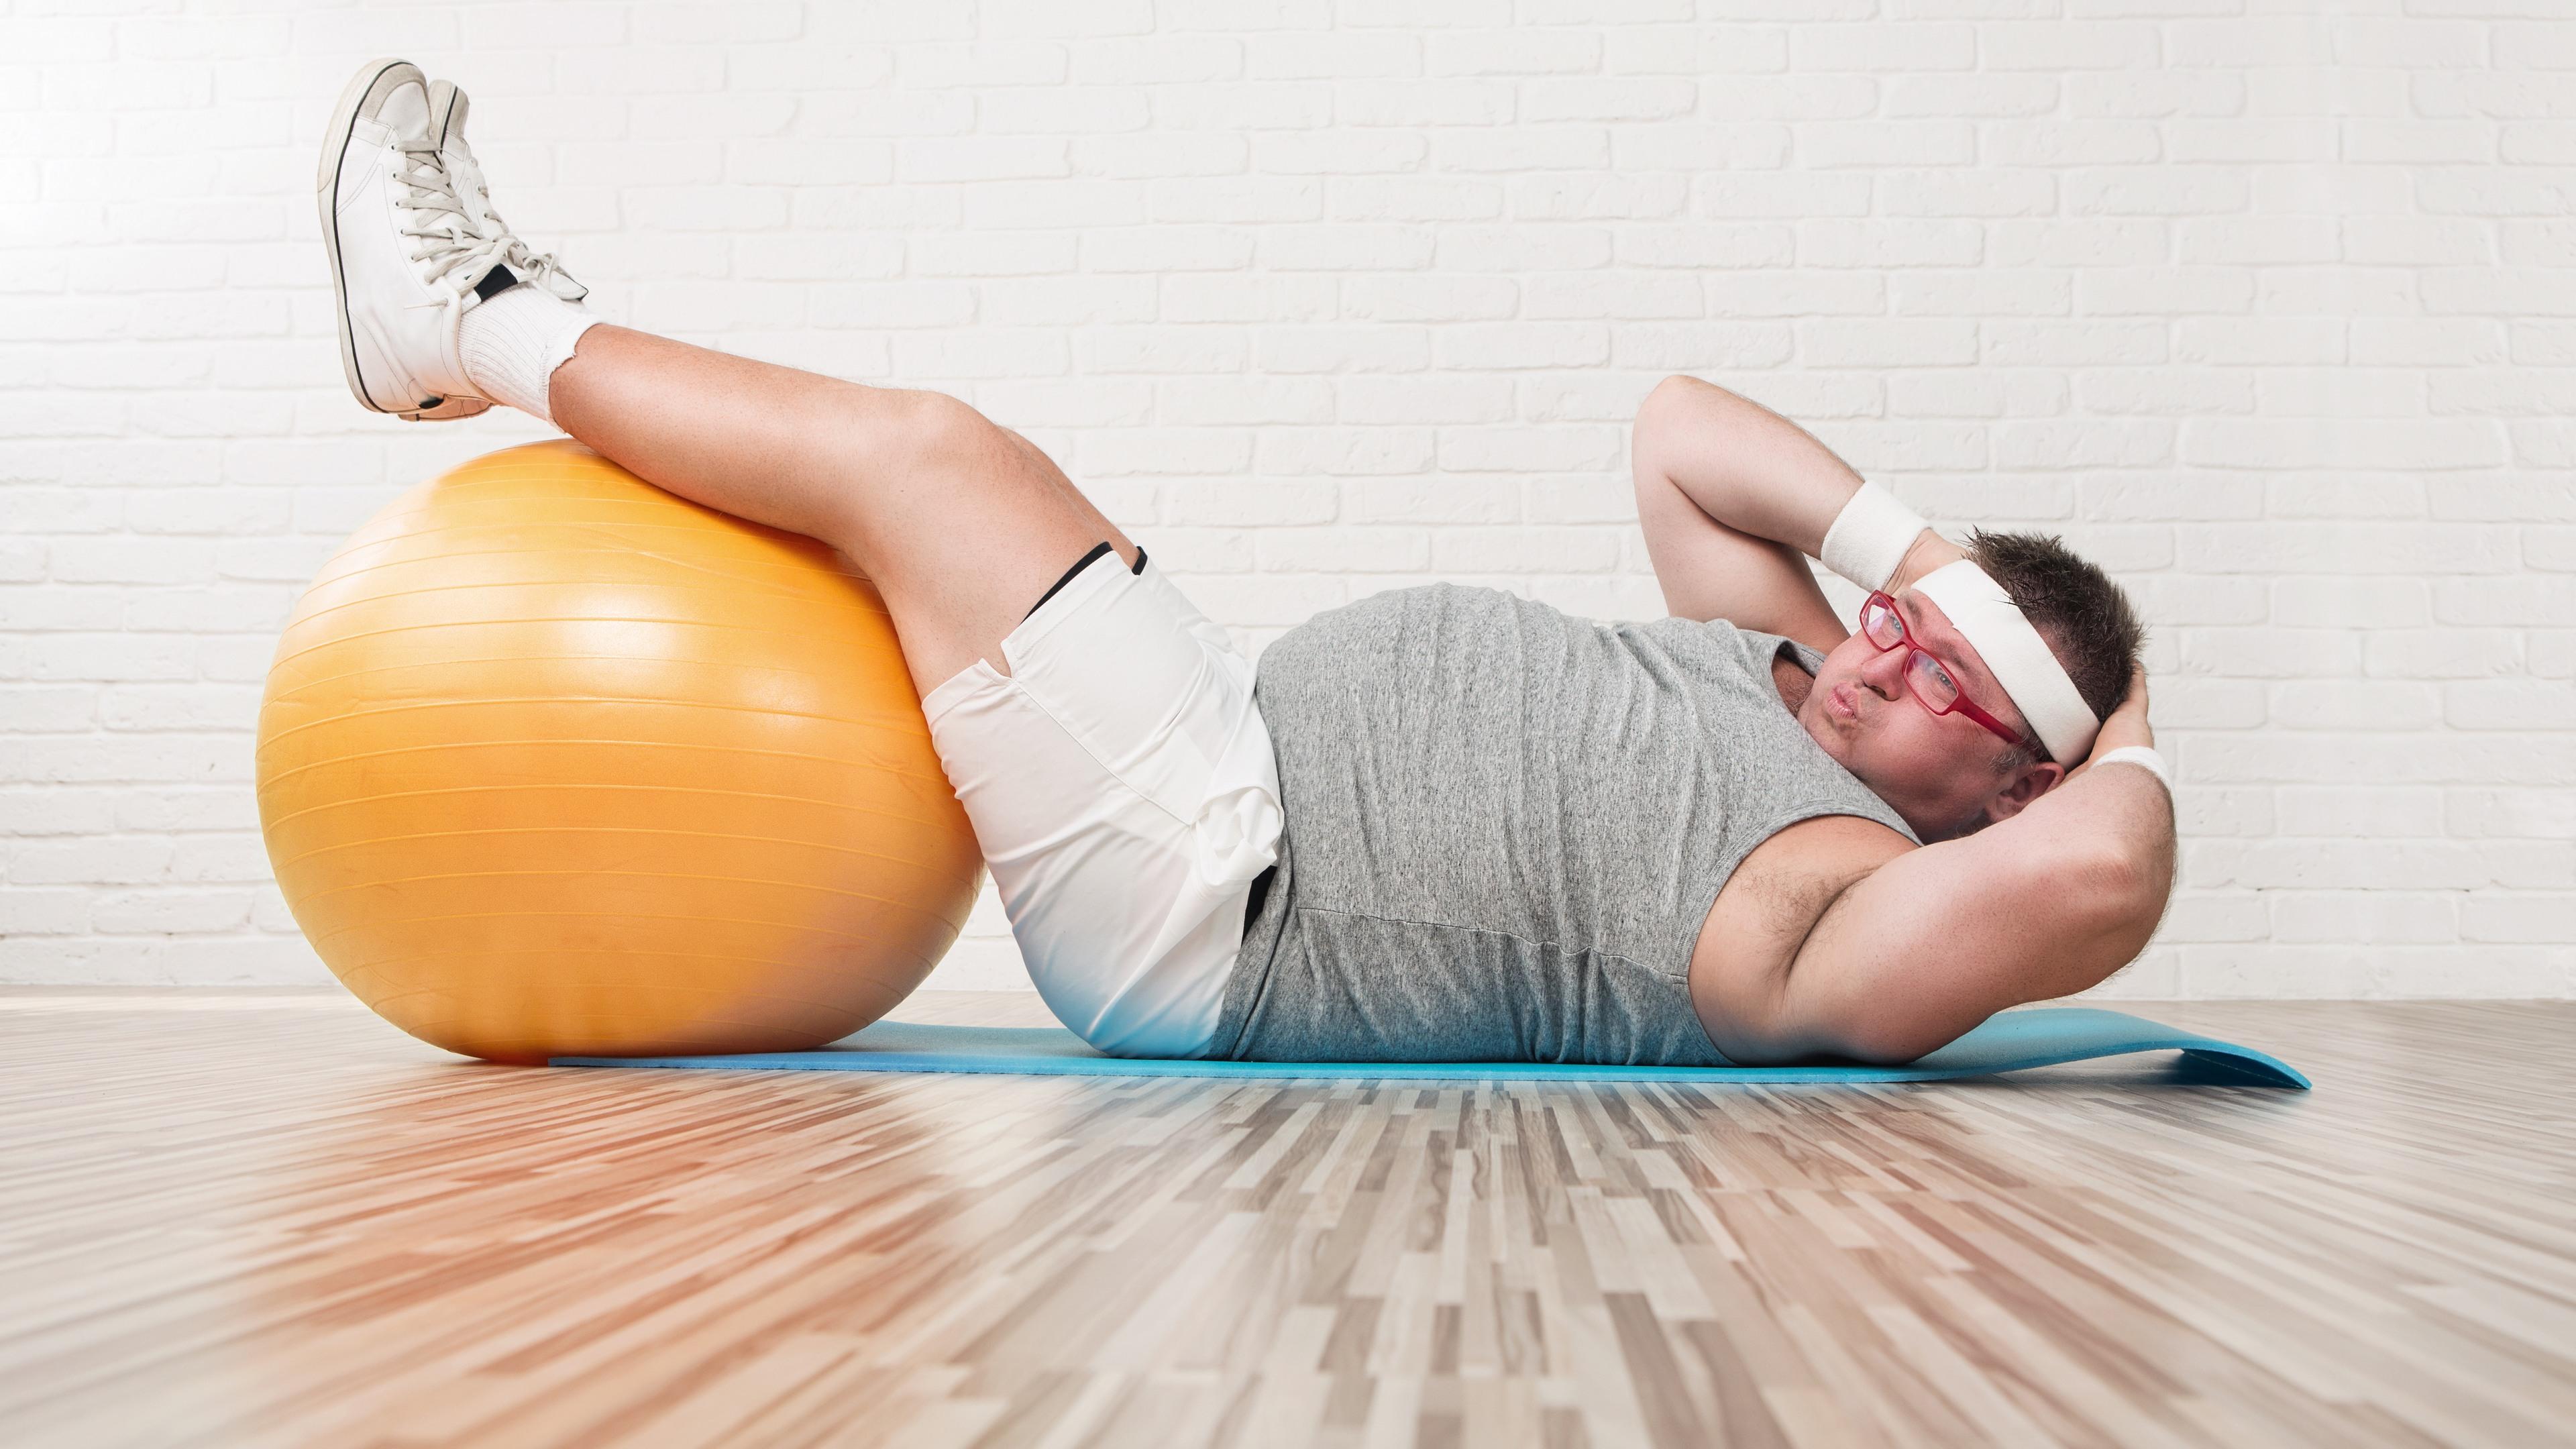 Марта бабушки, прикольные фото для фитнеса